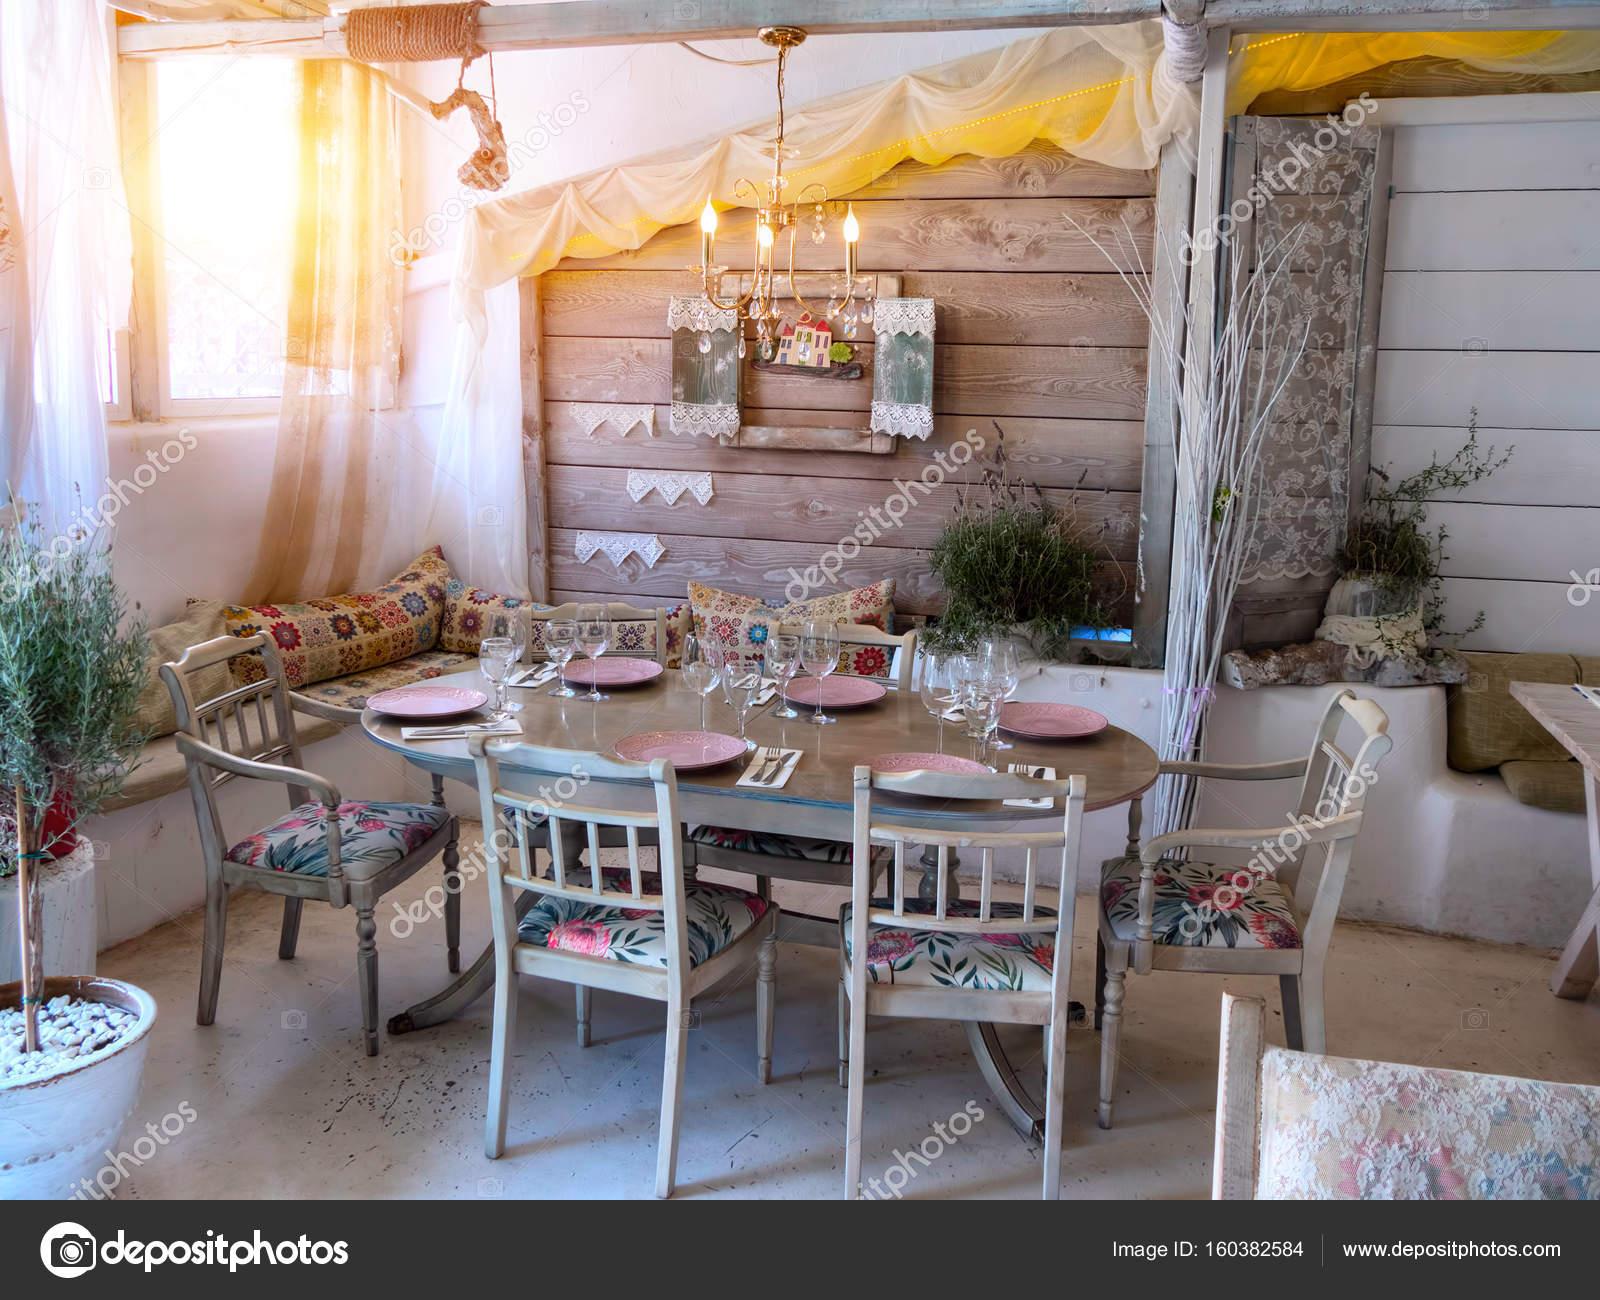 Piccola Sala Da Pranzo : Una piccola sala da pranzo in una casa rustica u2014 foto stock